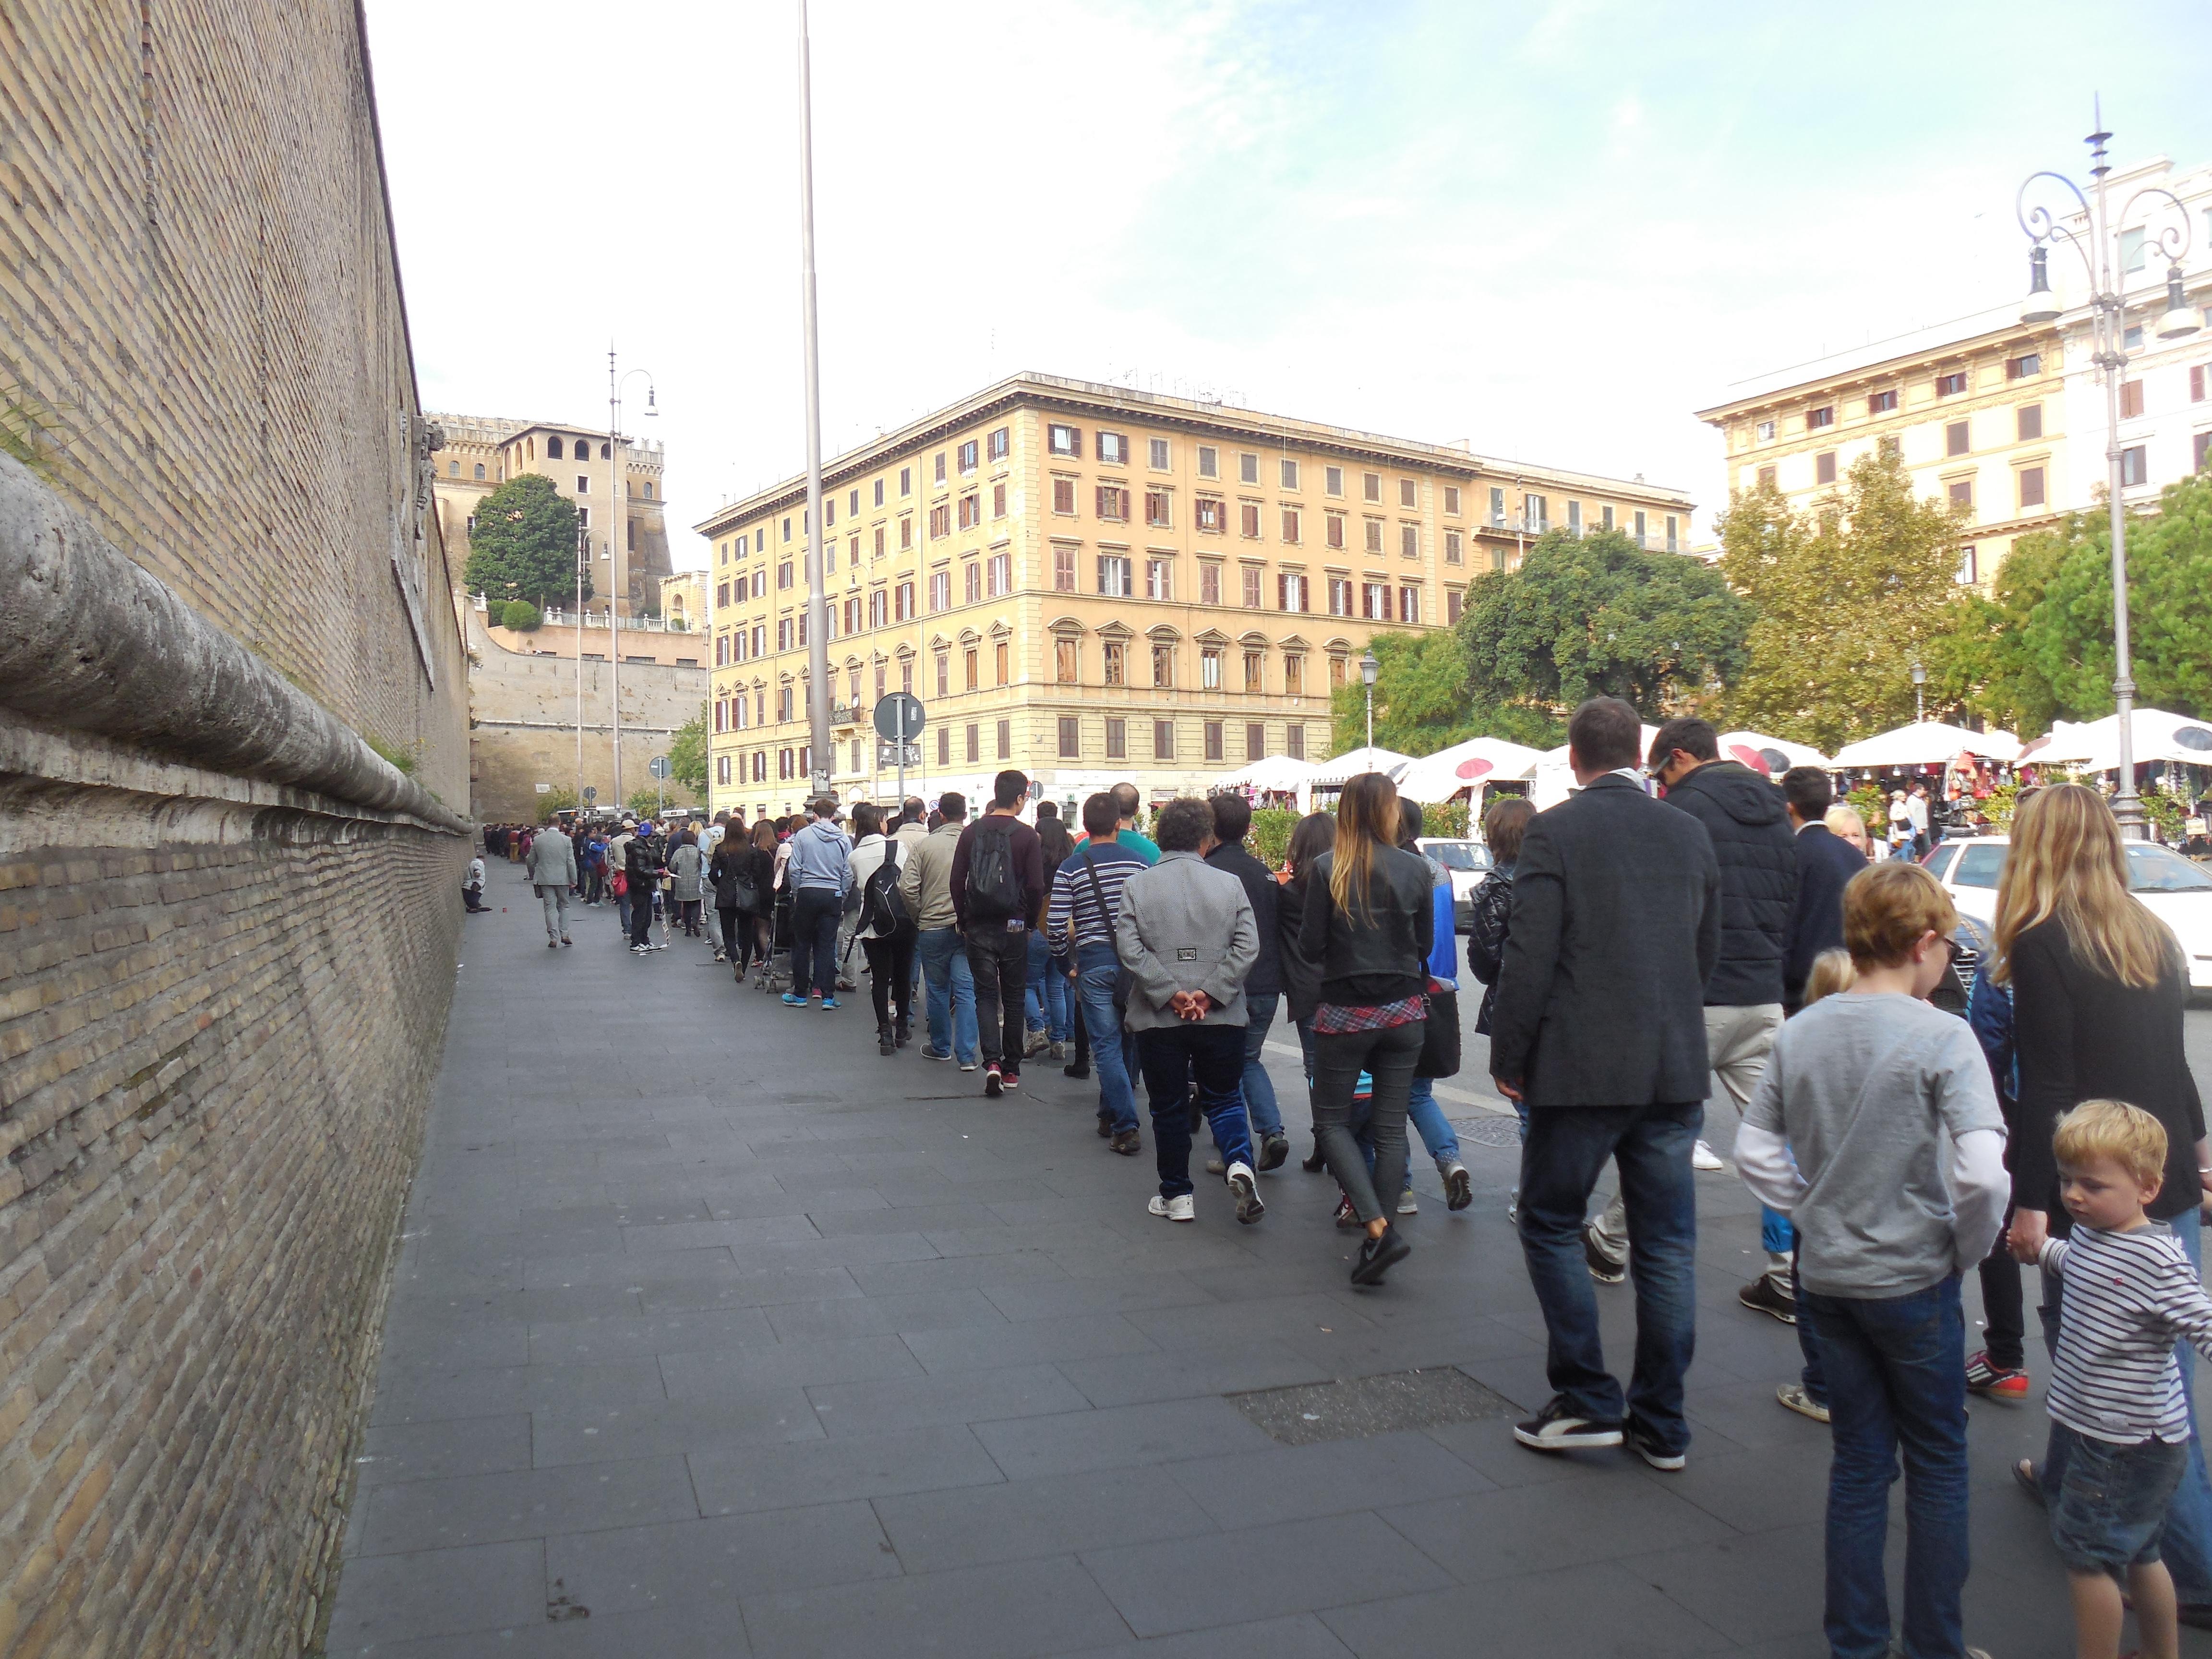 Vatikanische Museen Kostenloser Eintritt